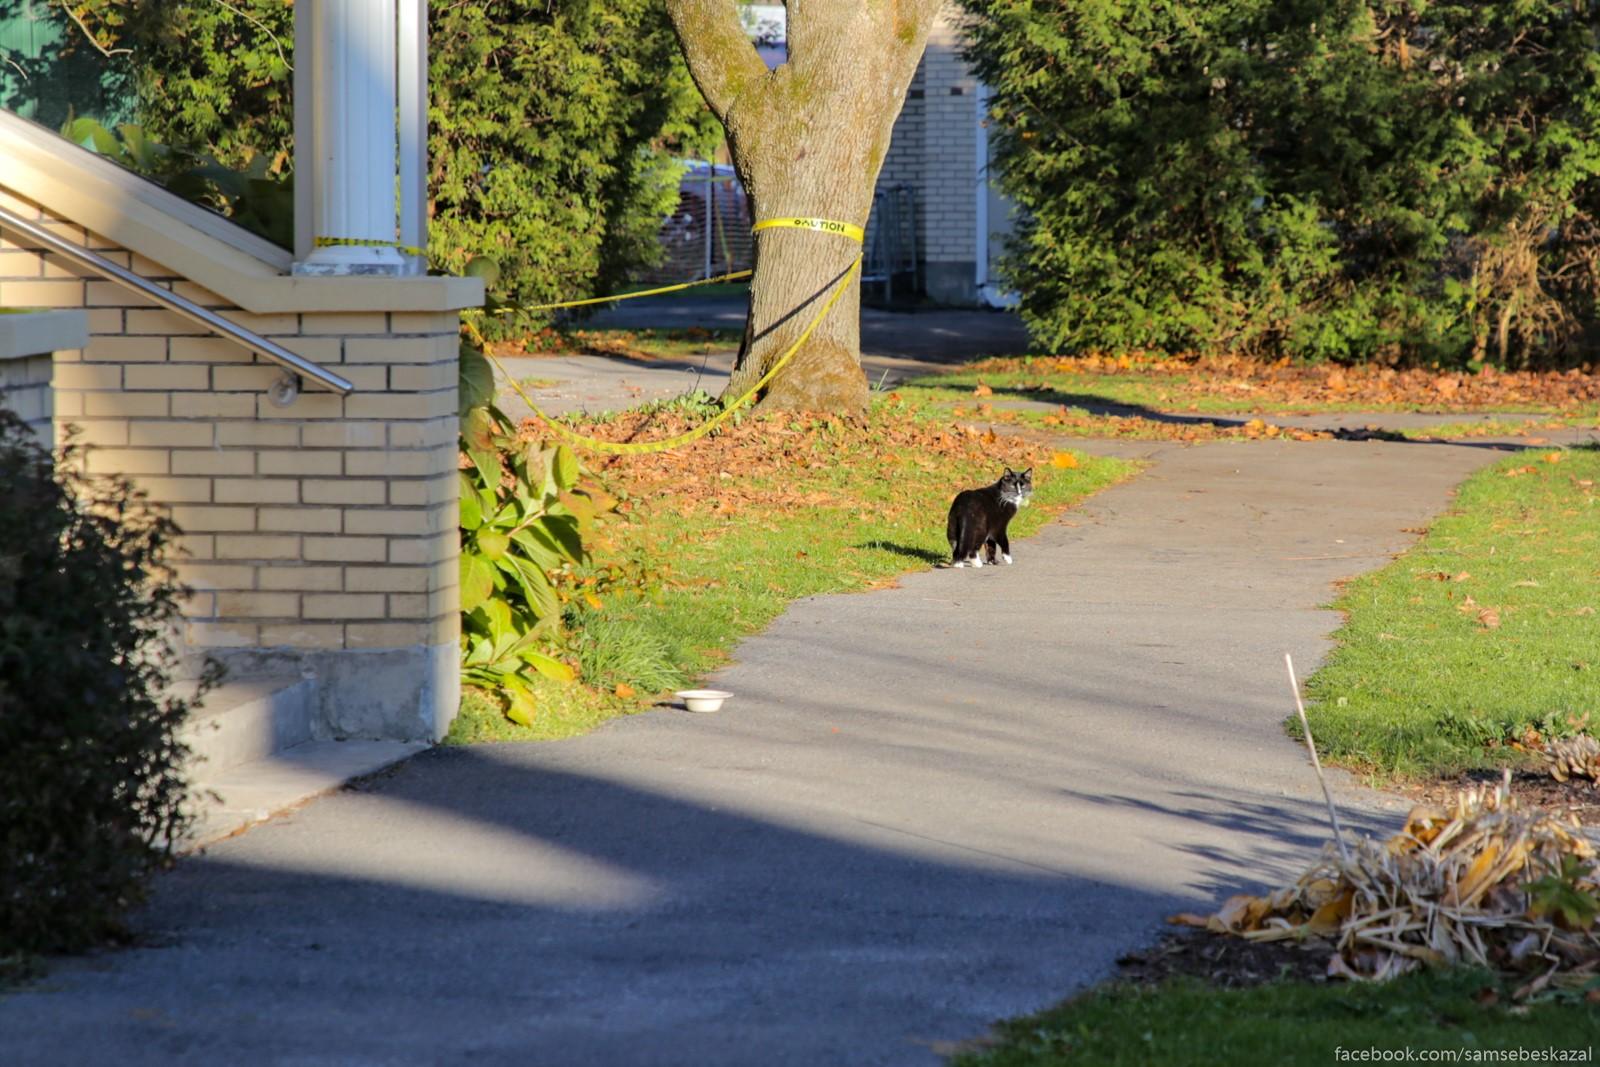 Koty, oni i v Amerike koty. Horoso otkormlennye i ocenʹ nezavisimye. Na kis-kis-kis voobse ne reagiruut.